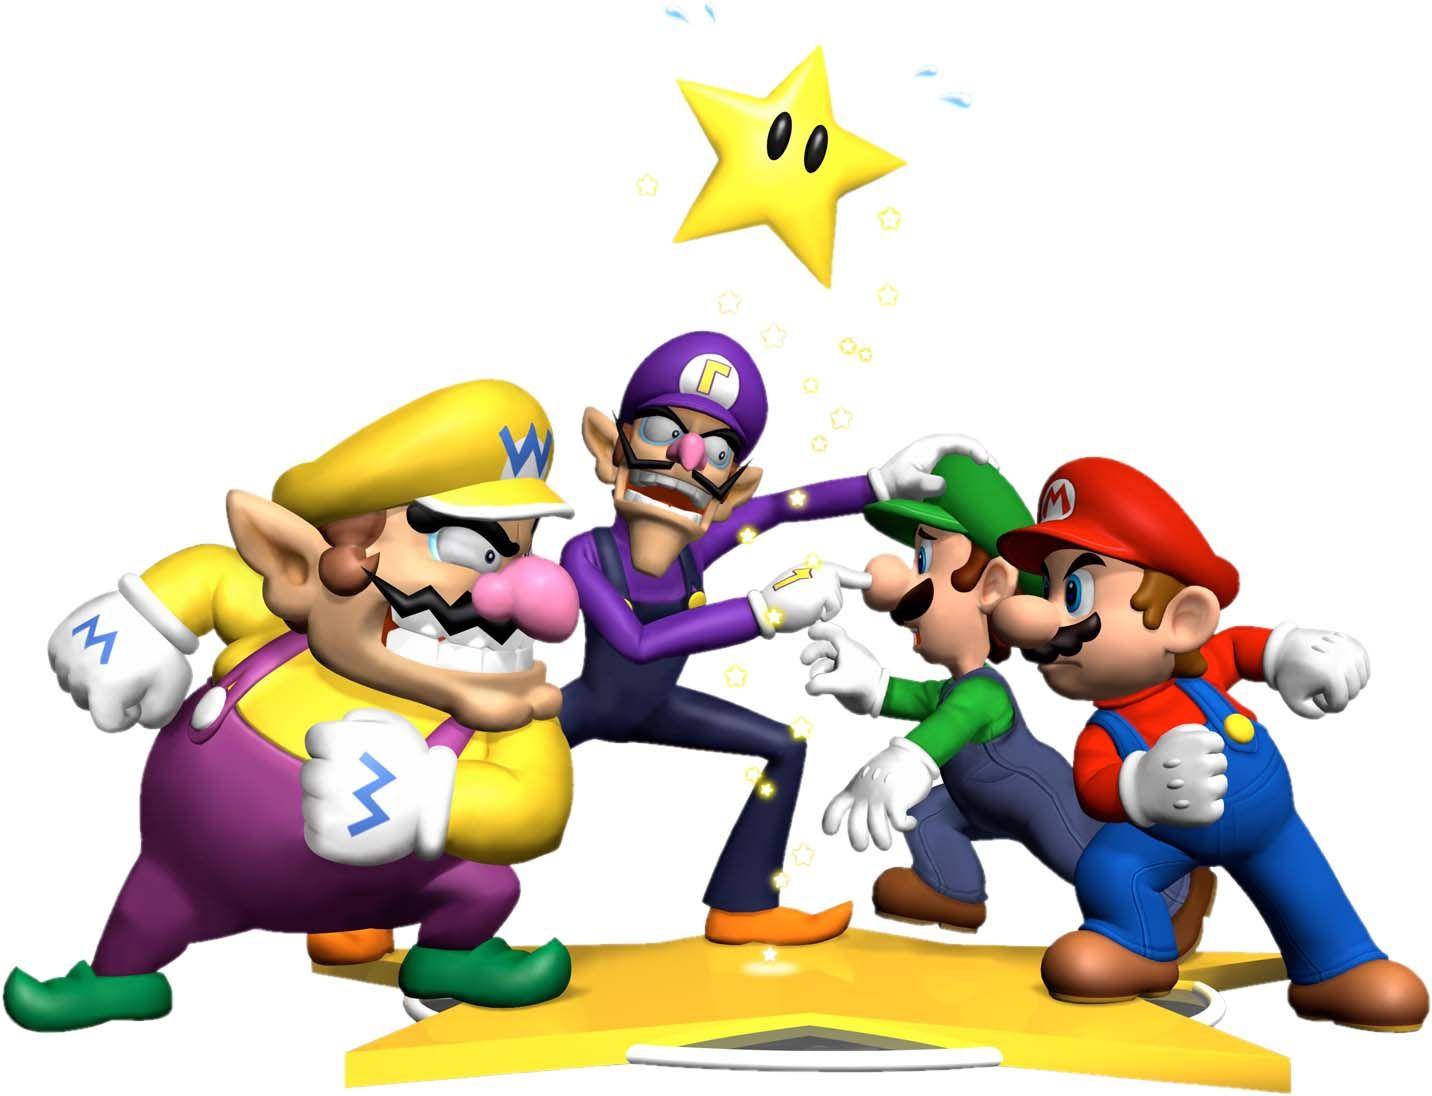 Mario & Luigi Vs. Wario & Waluigi